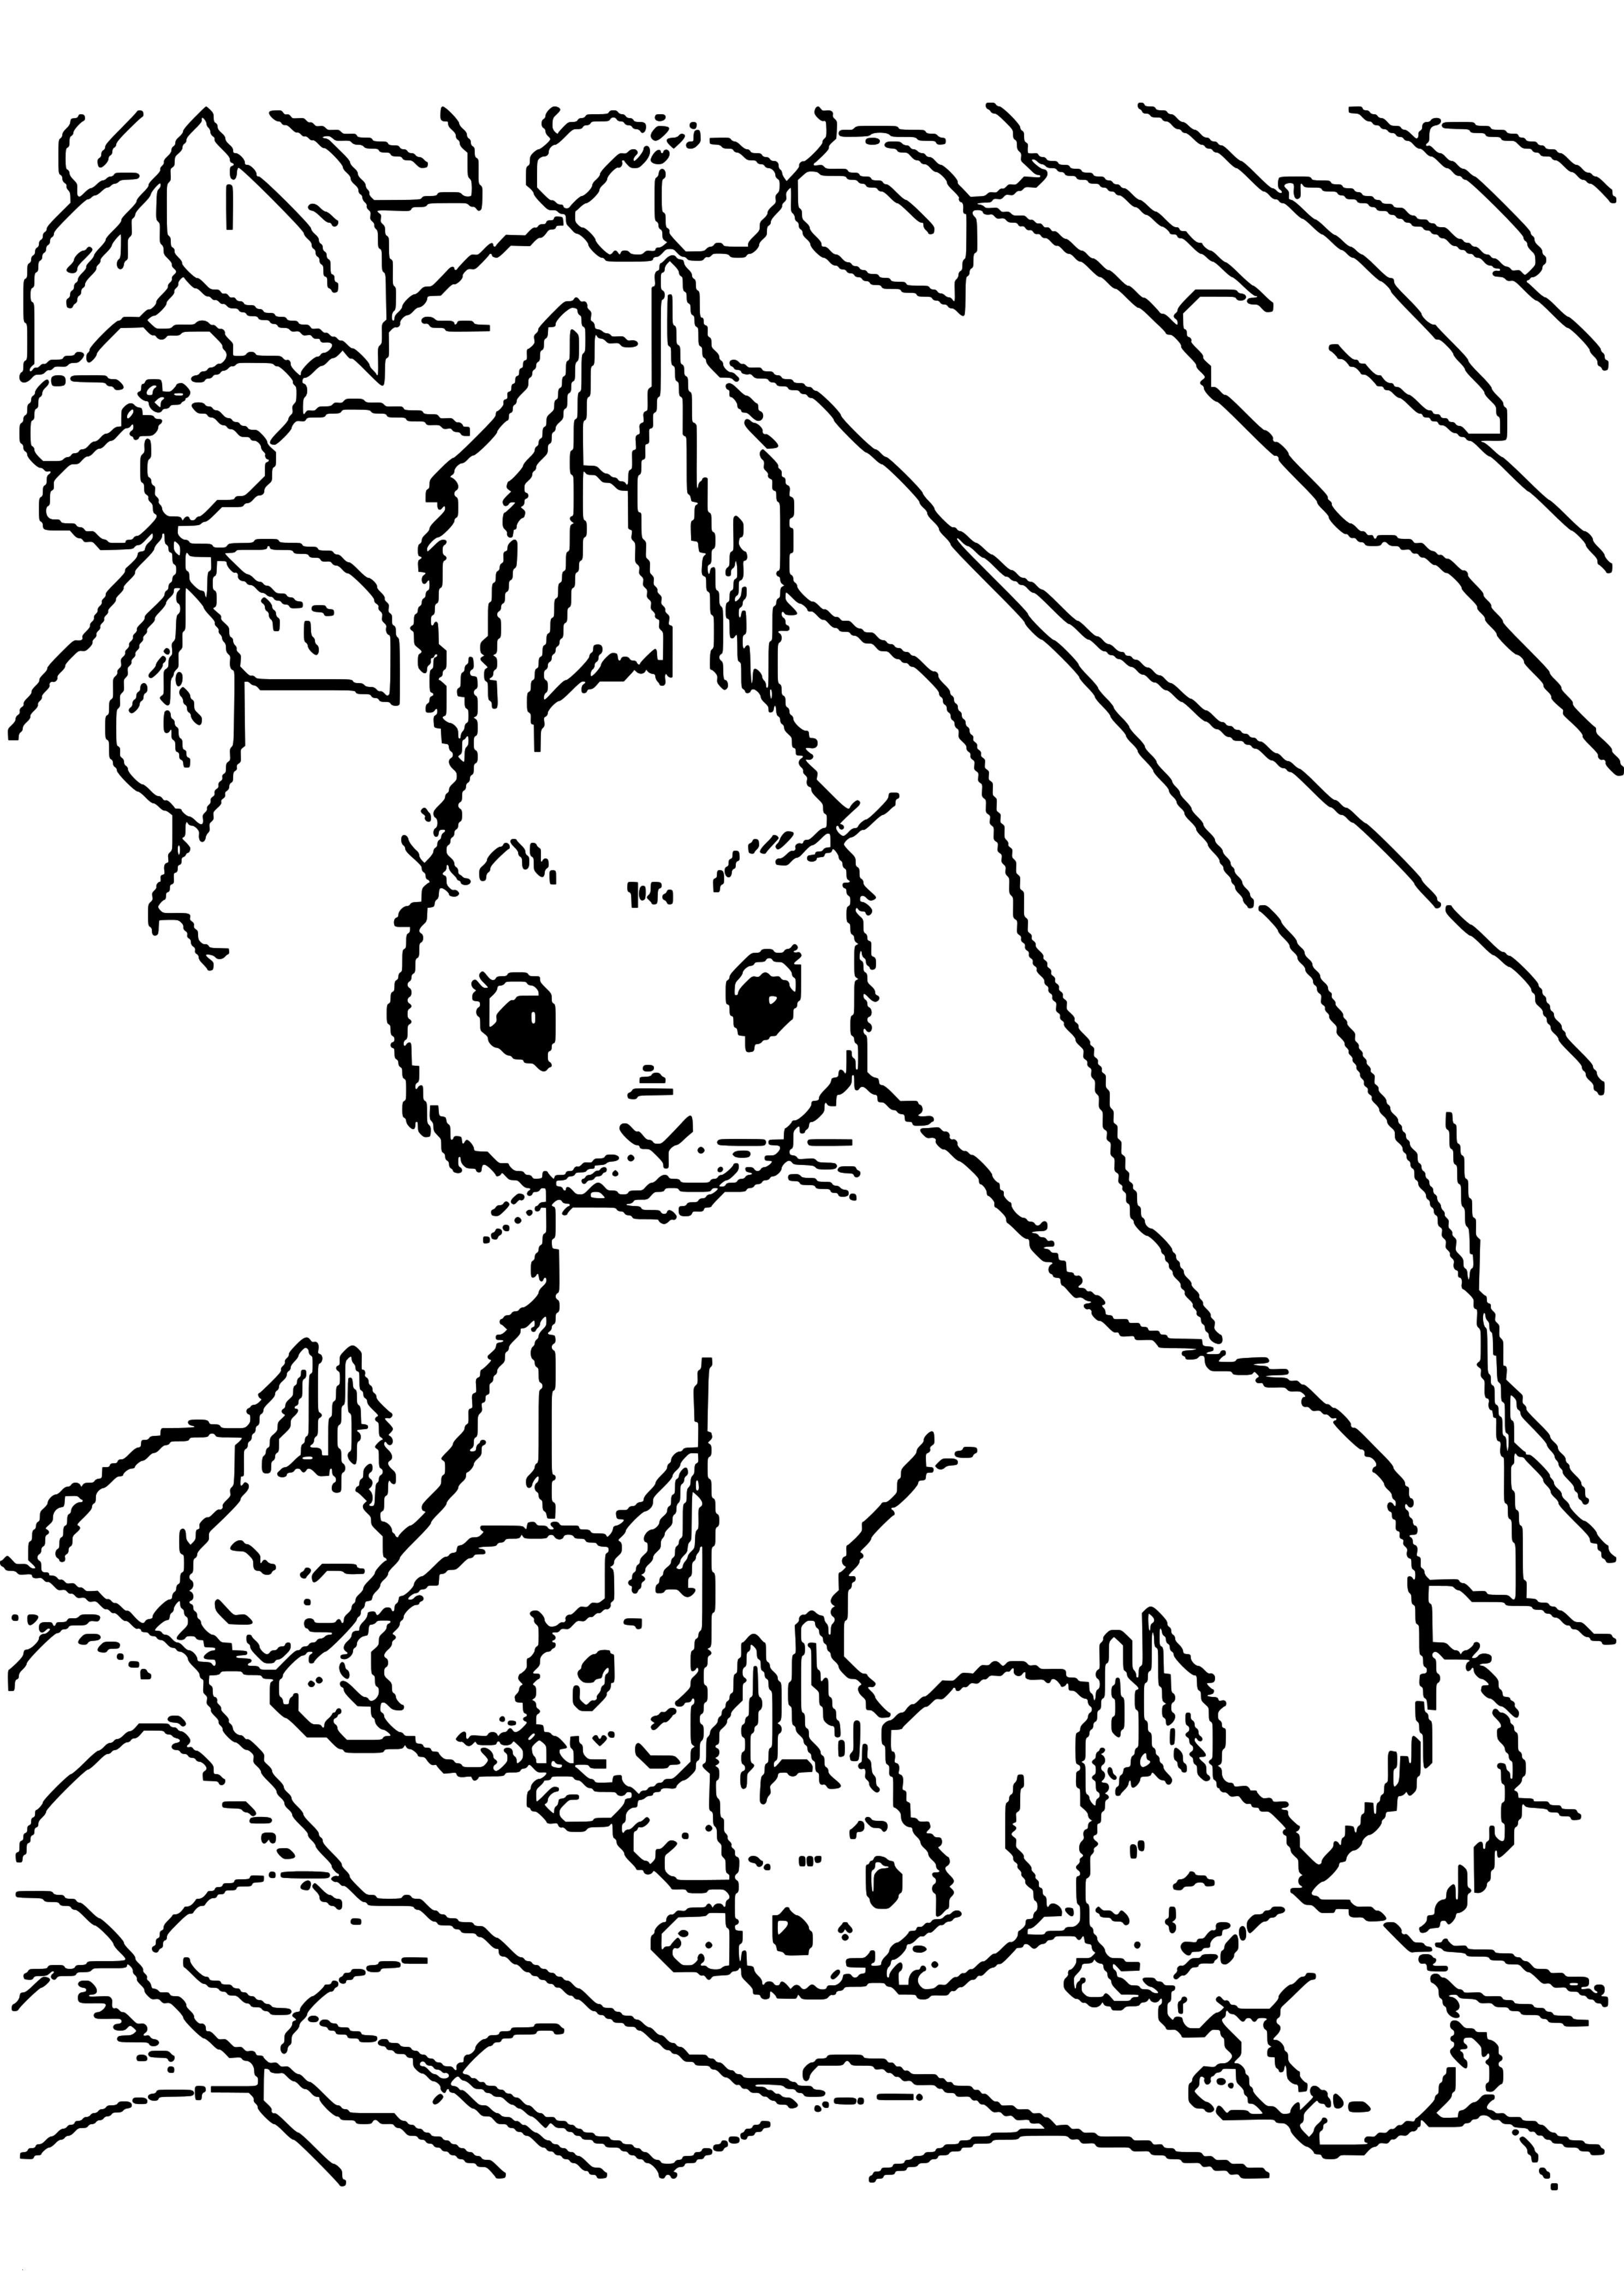 Hase Zum Ausdrucken Frisch Ausmalbilder Hasen Baby Einzigartig Malvorlagen Igel Elegant Igel Fotos